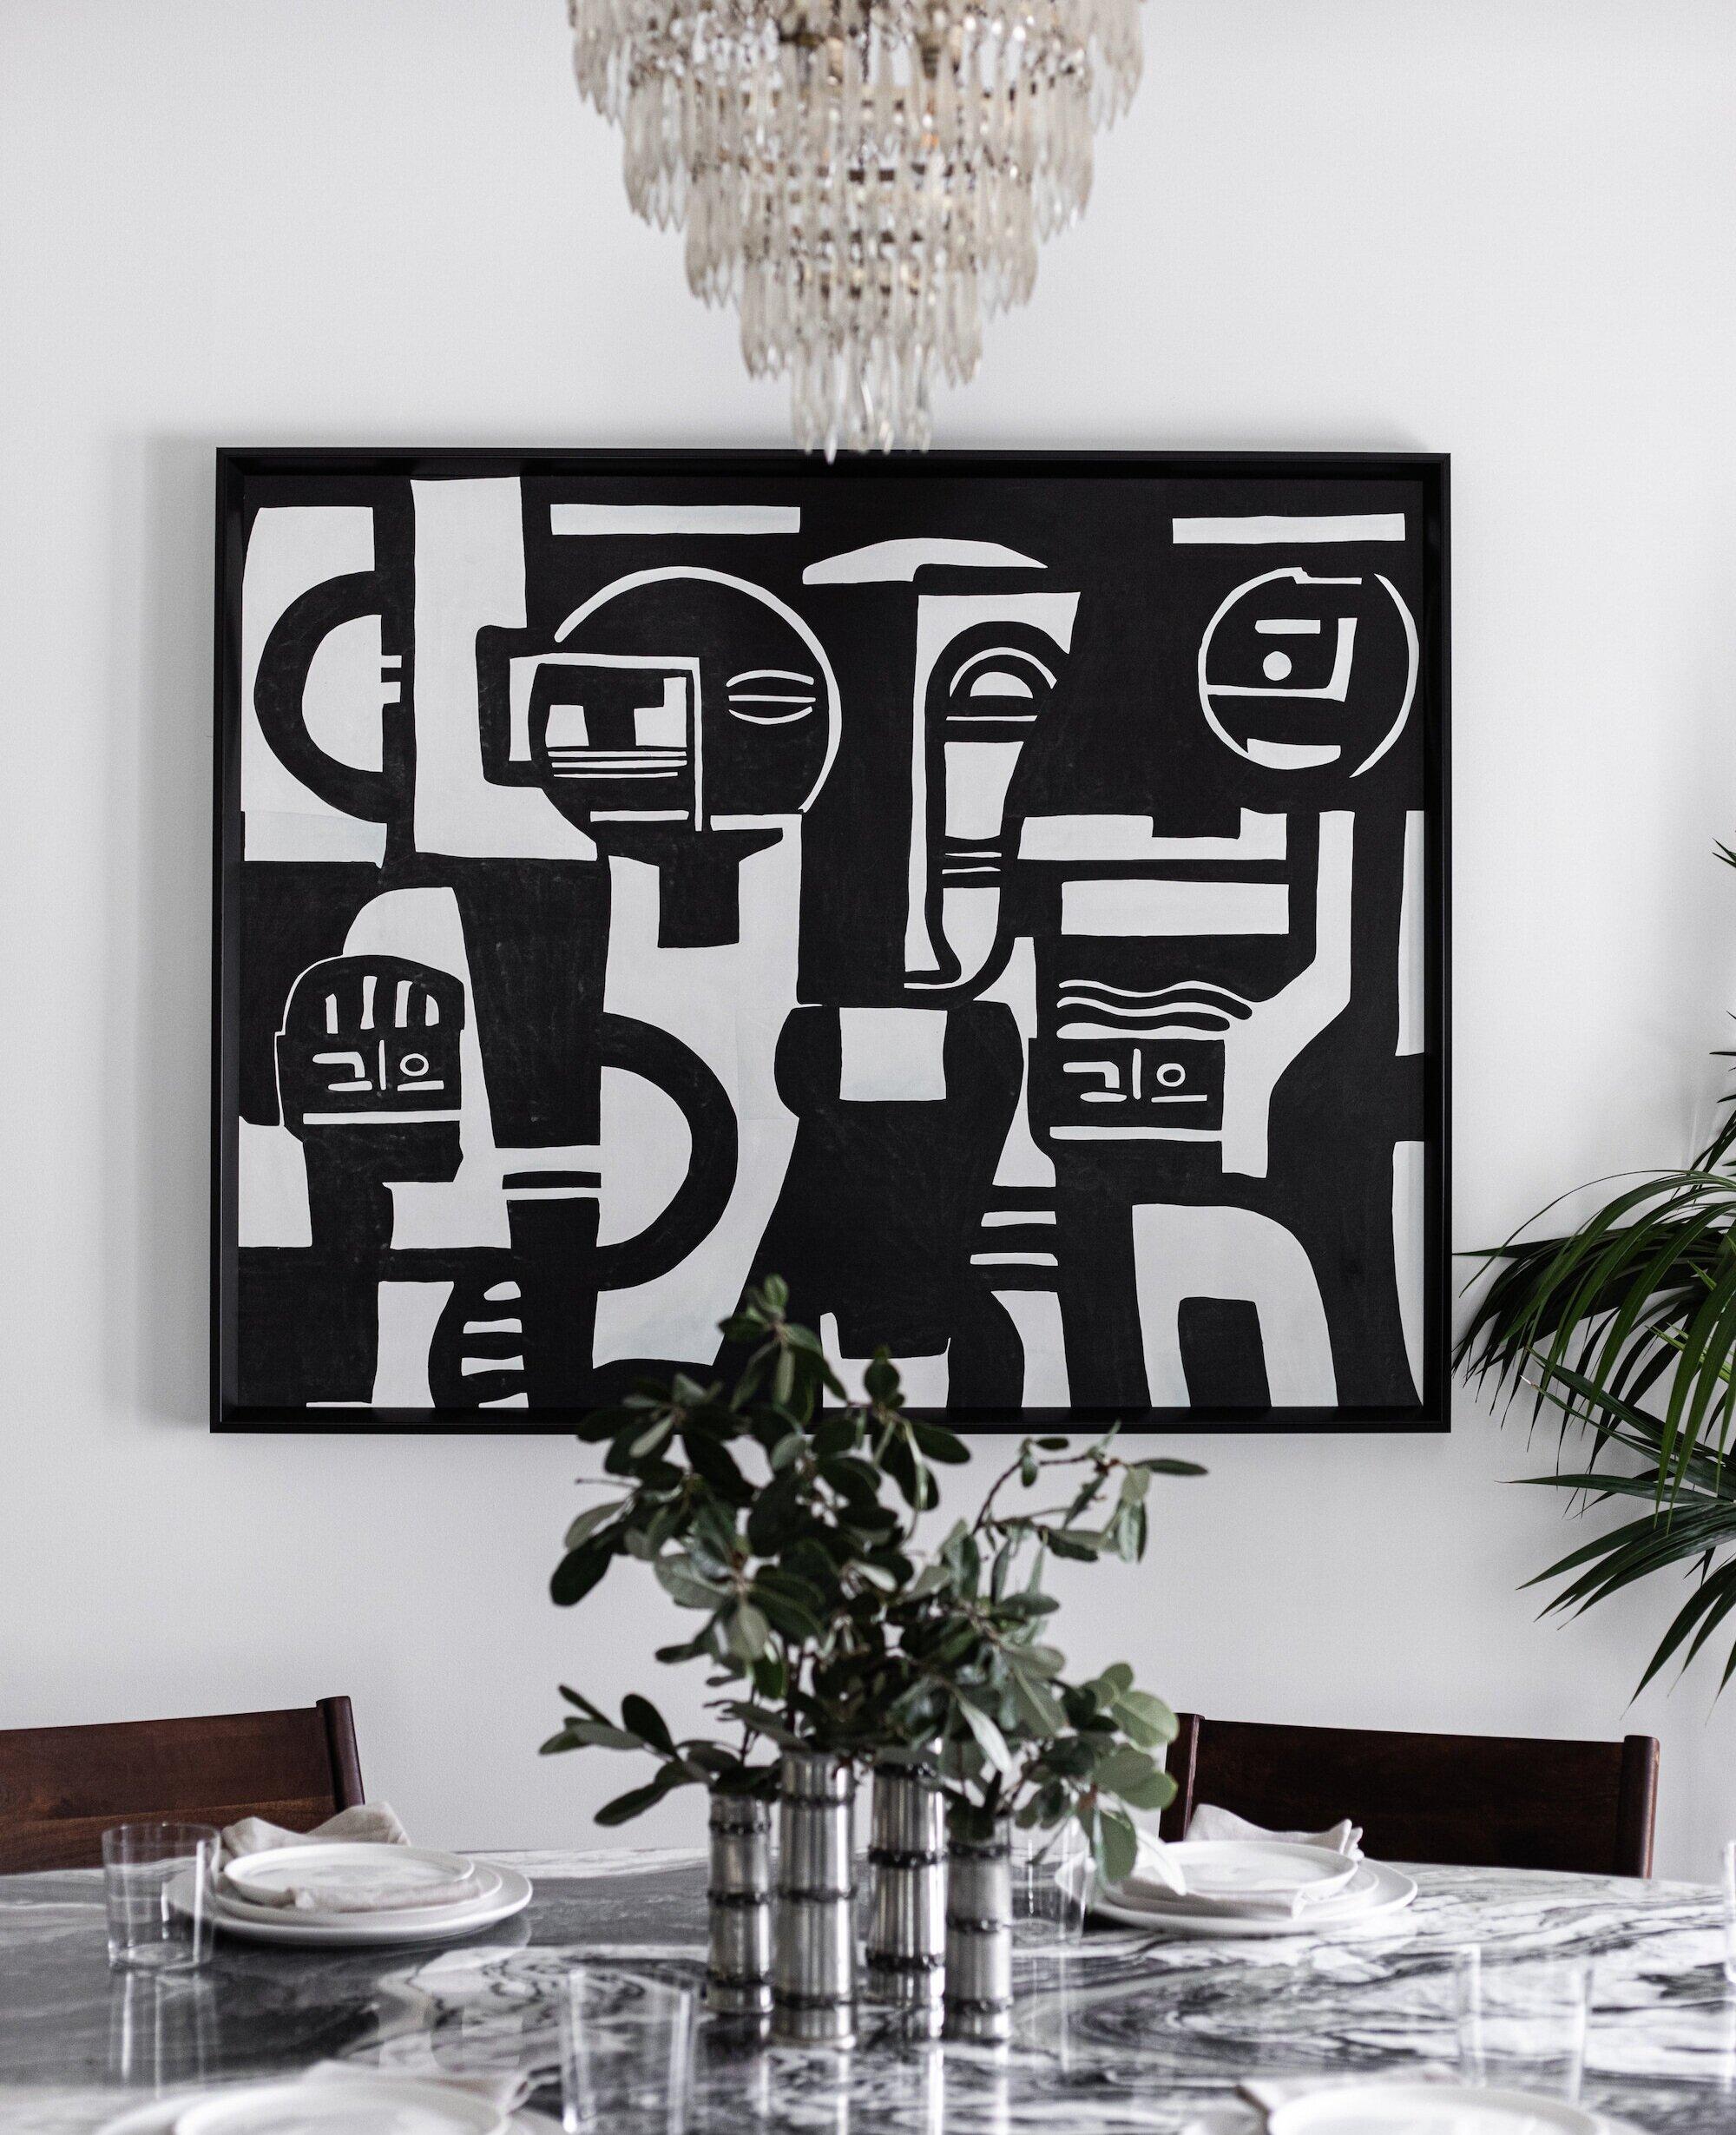 Dining+Room+3.jpg